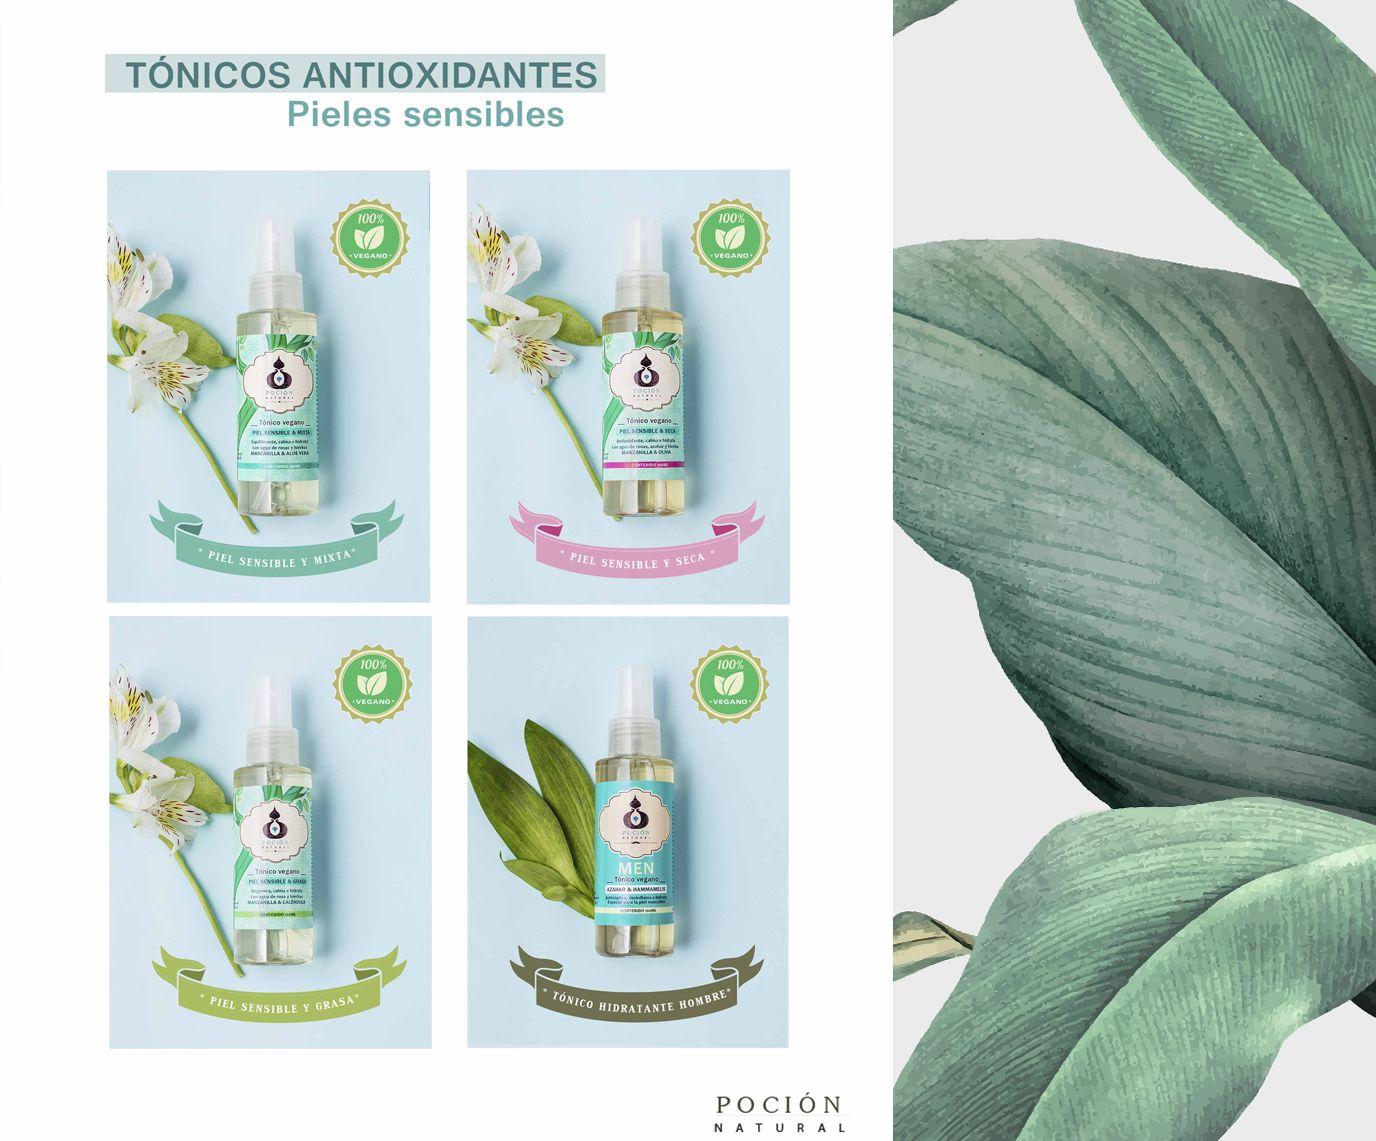 Tónicos Antioxidantes